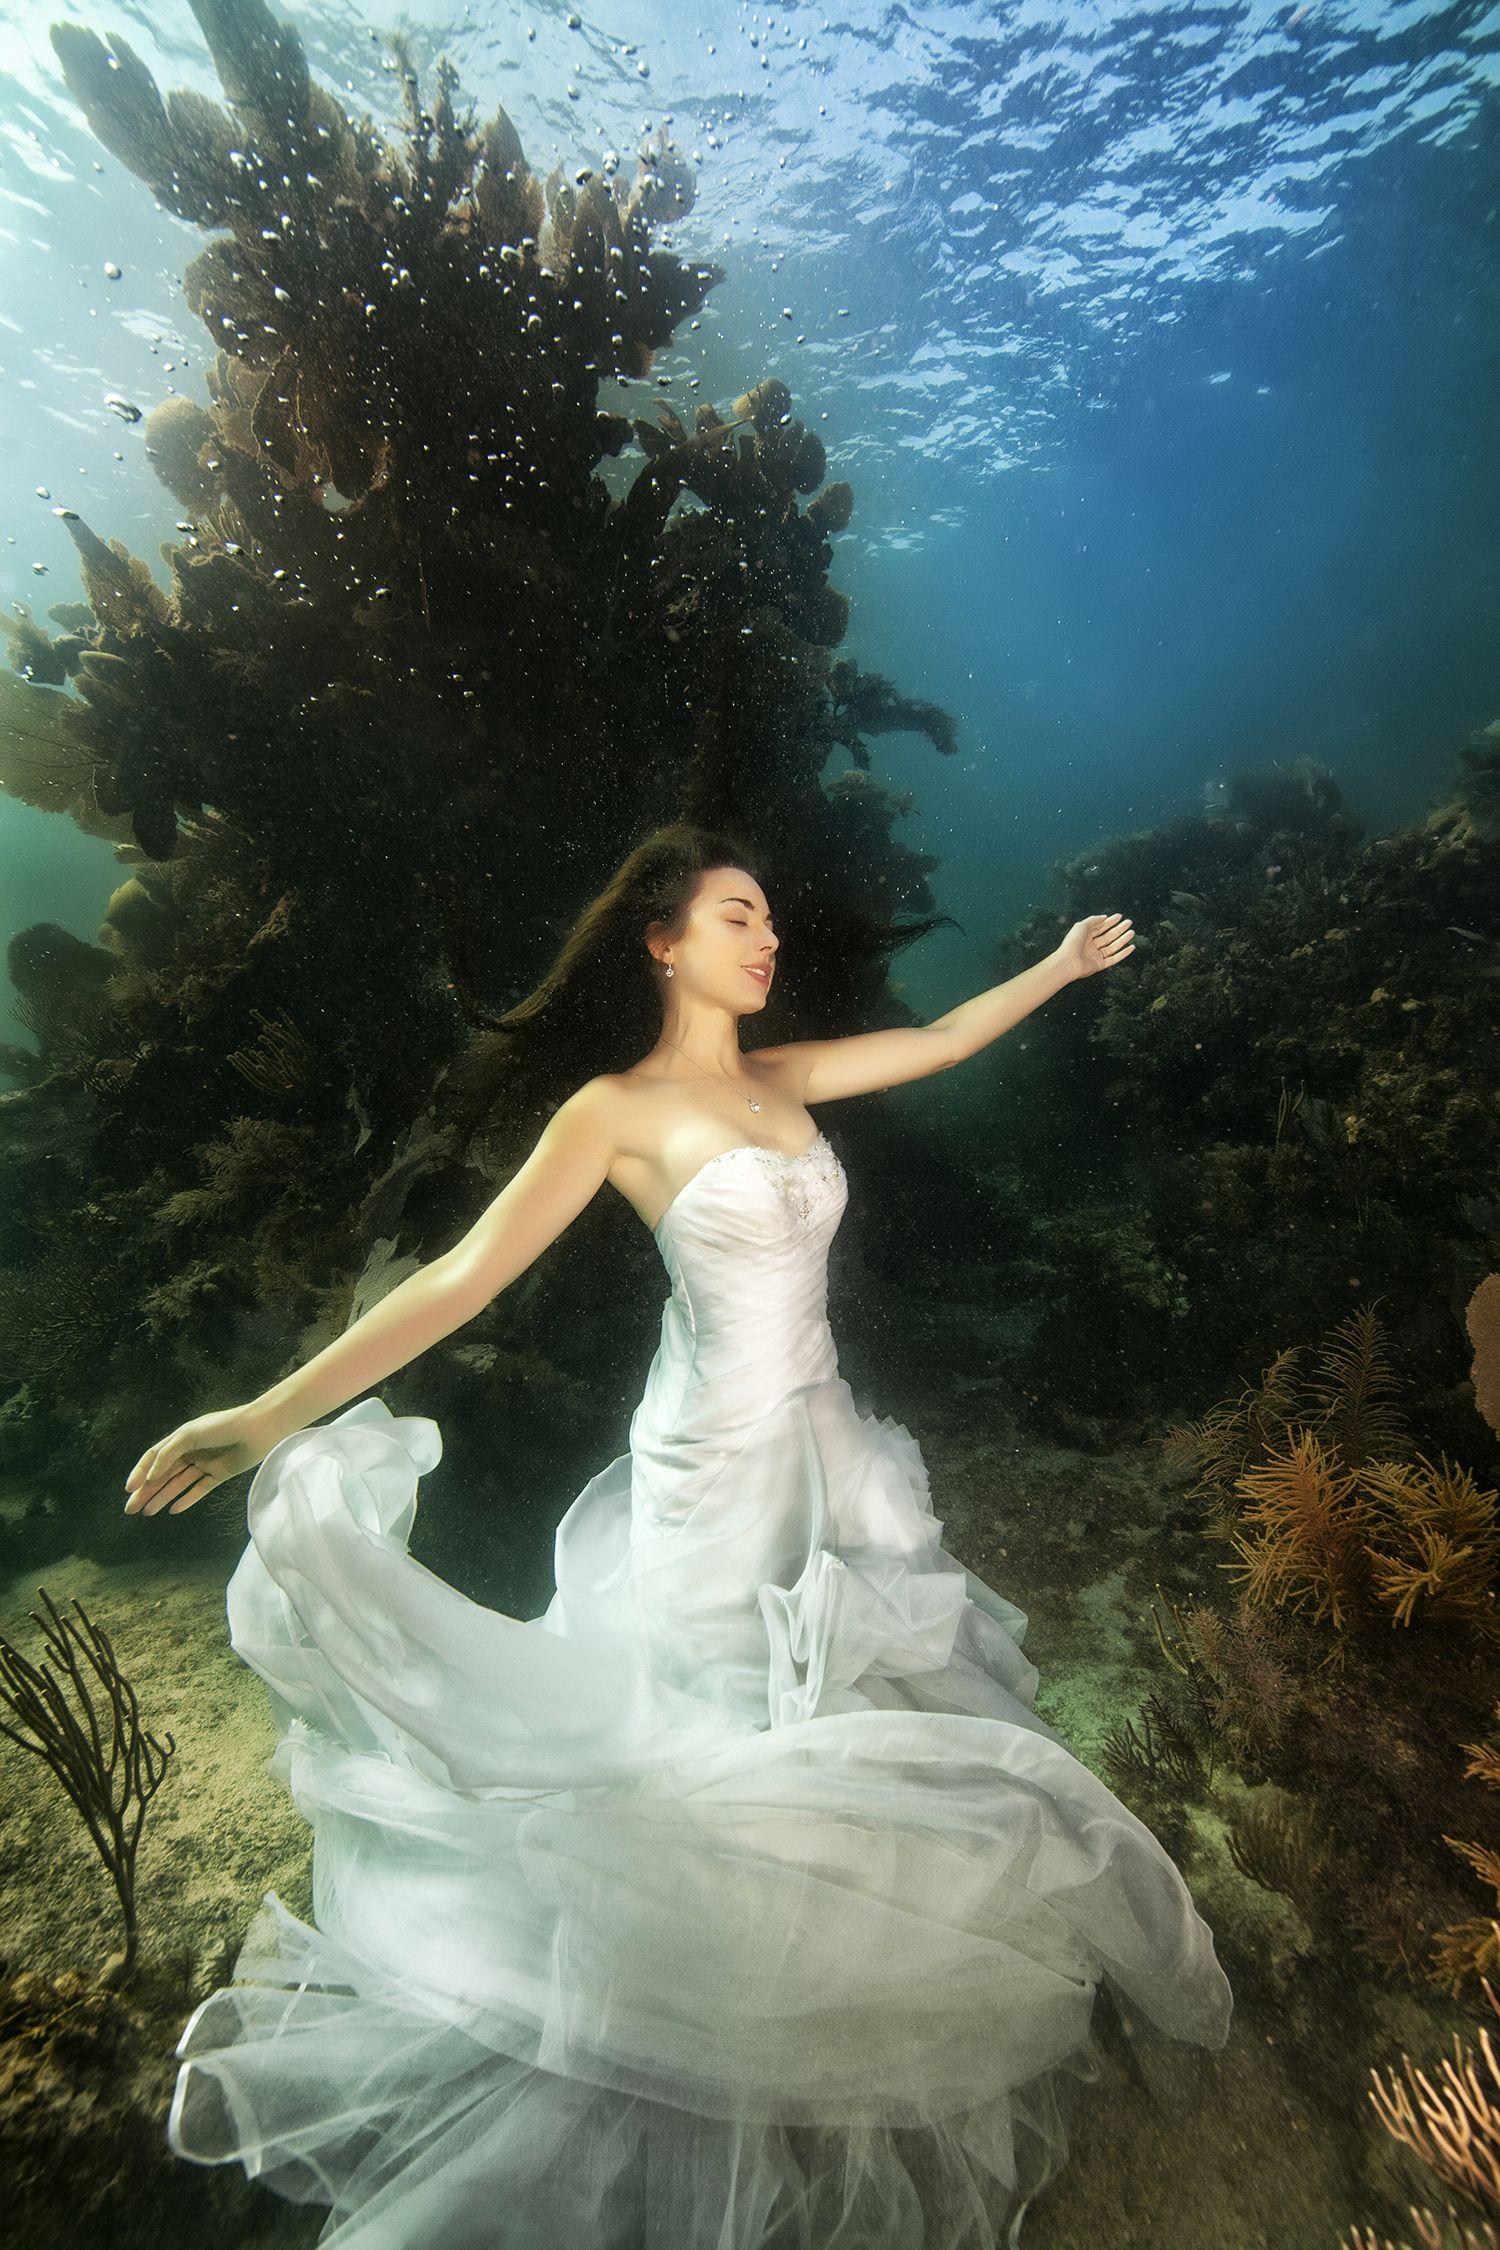 بالصور جلسة تصوير رائعة لحفلات Underwater Wedding Underwater Photoshoot Underwater Model